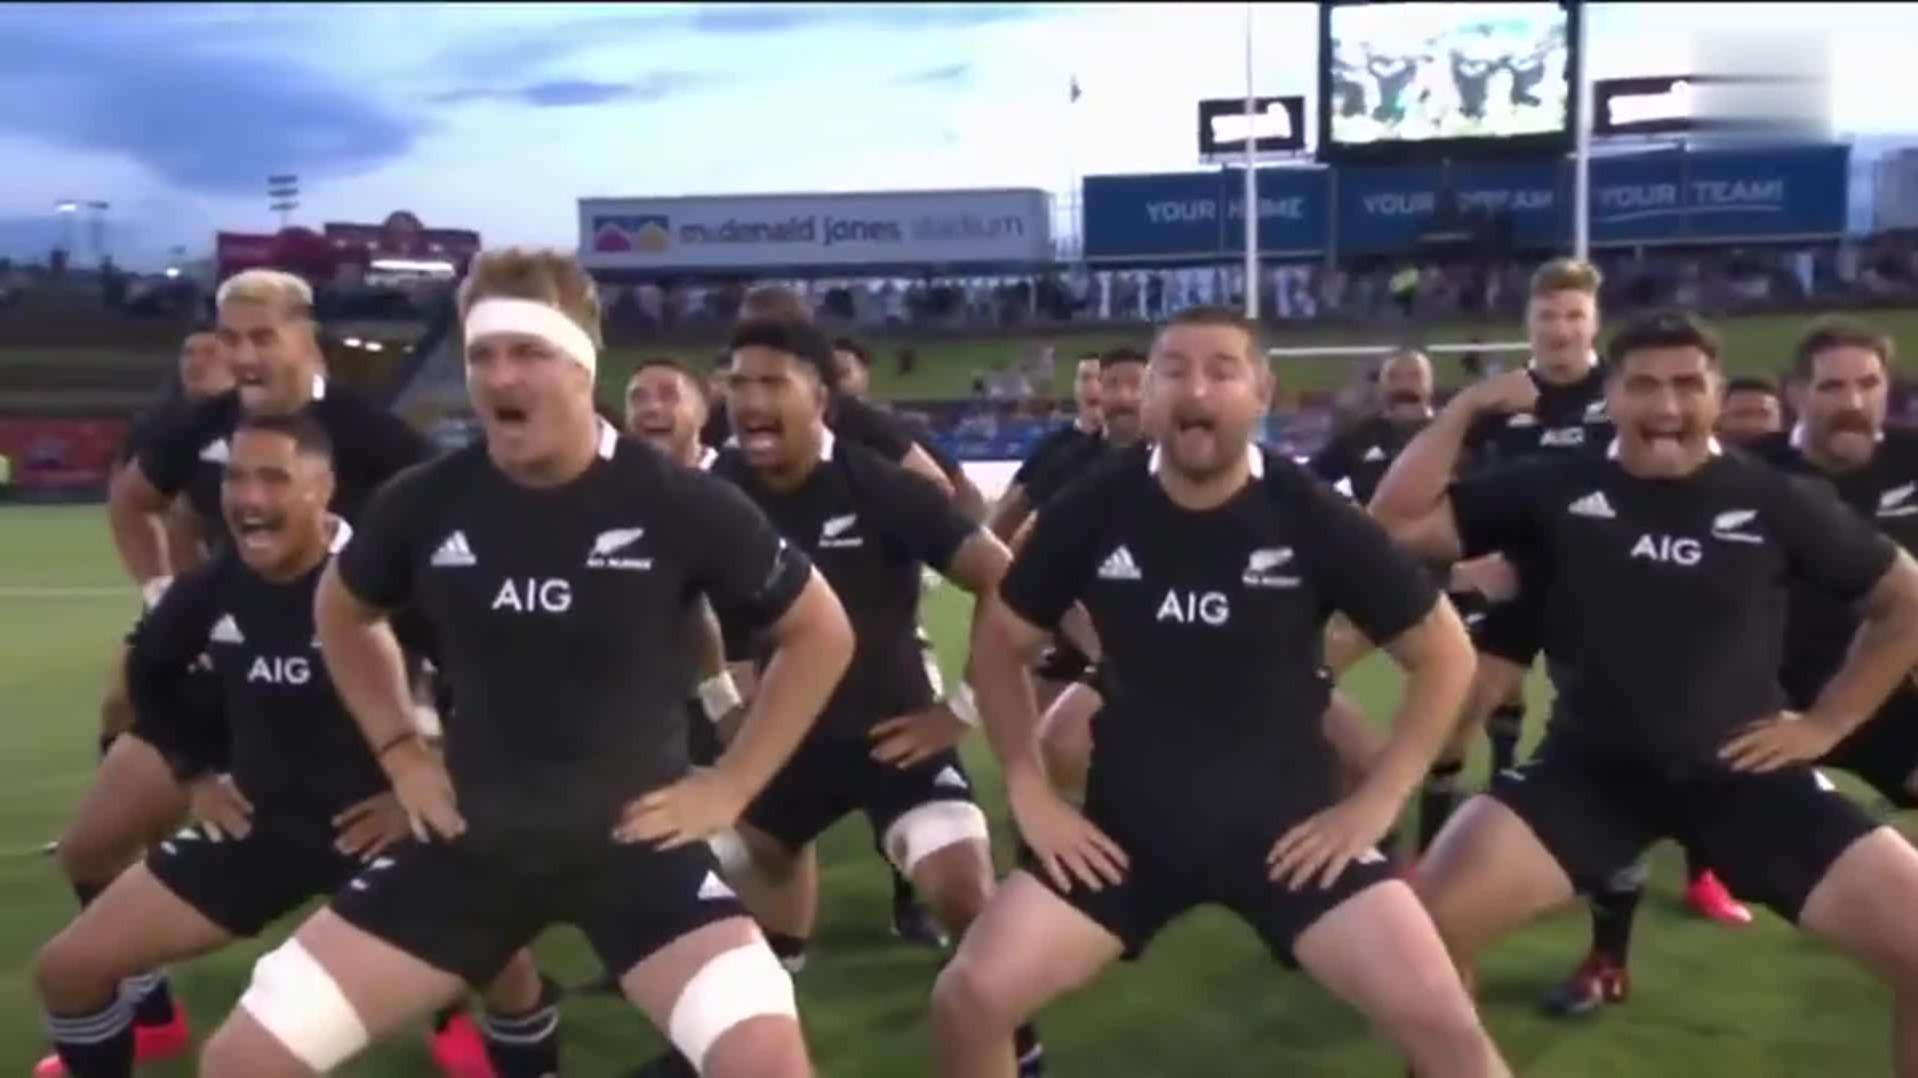 致敬!新西兰橄榄球队跳哈卡舞致敬马拉多纳